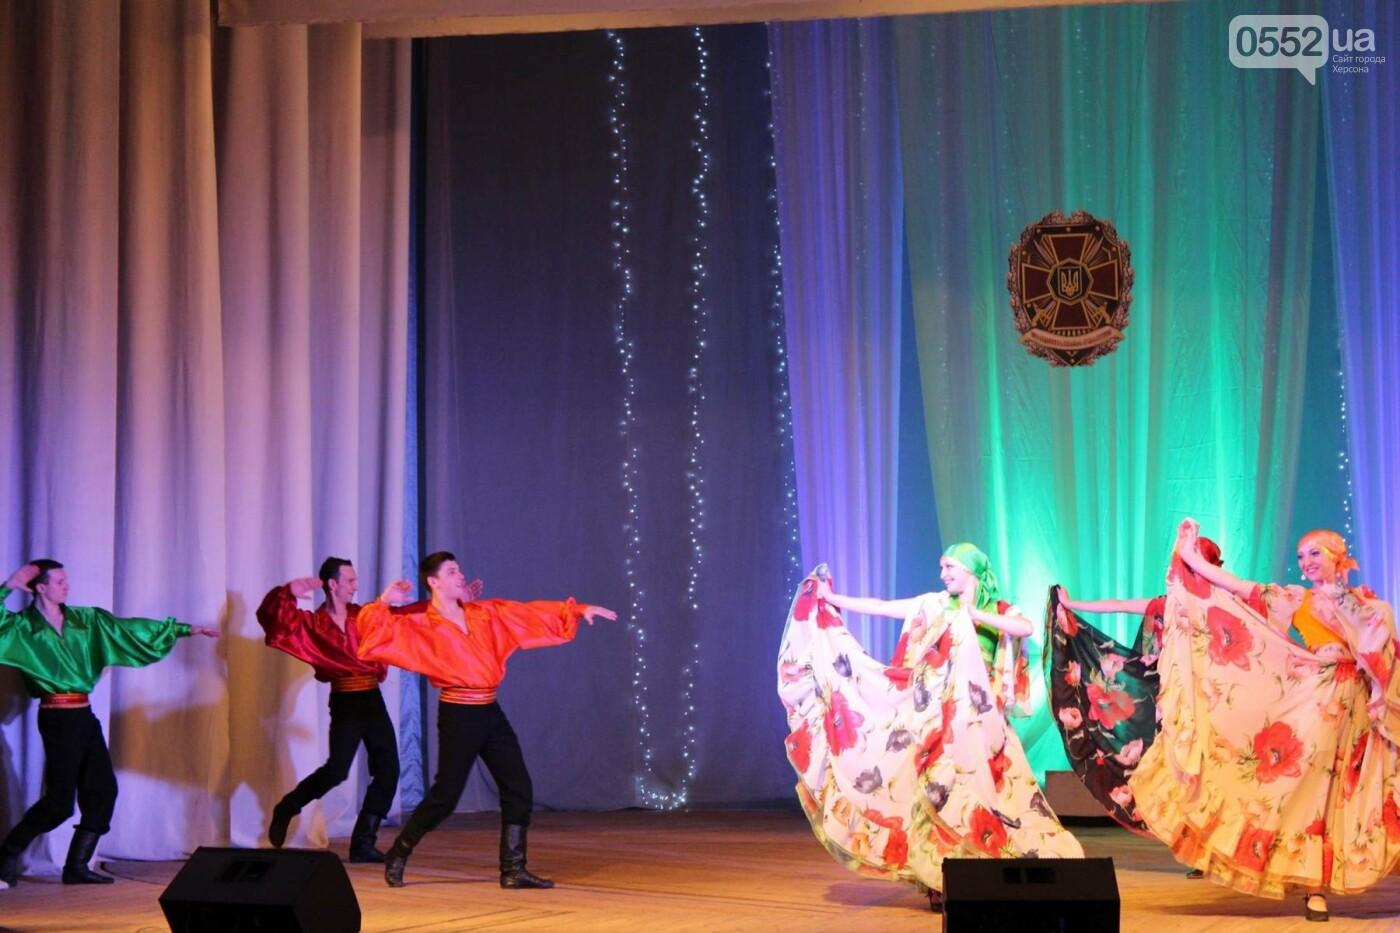 В Херсоне выступил Академический ансамбль песни и танца НГУ, фото-3